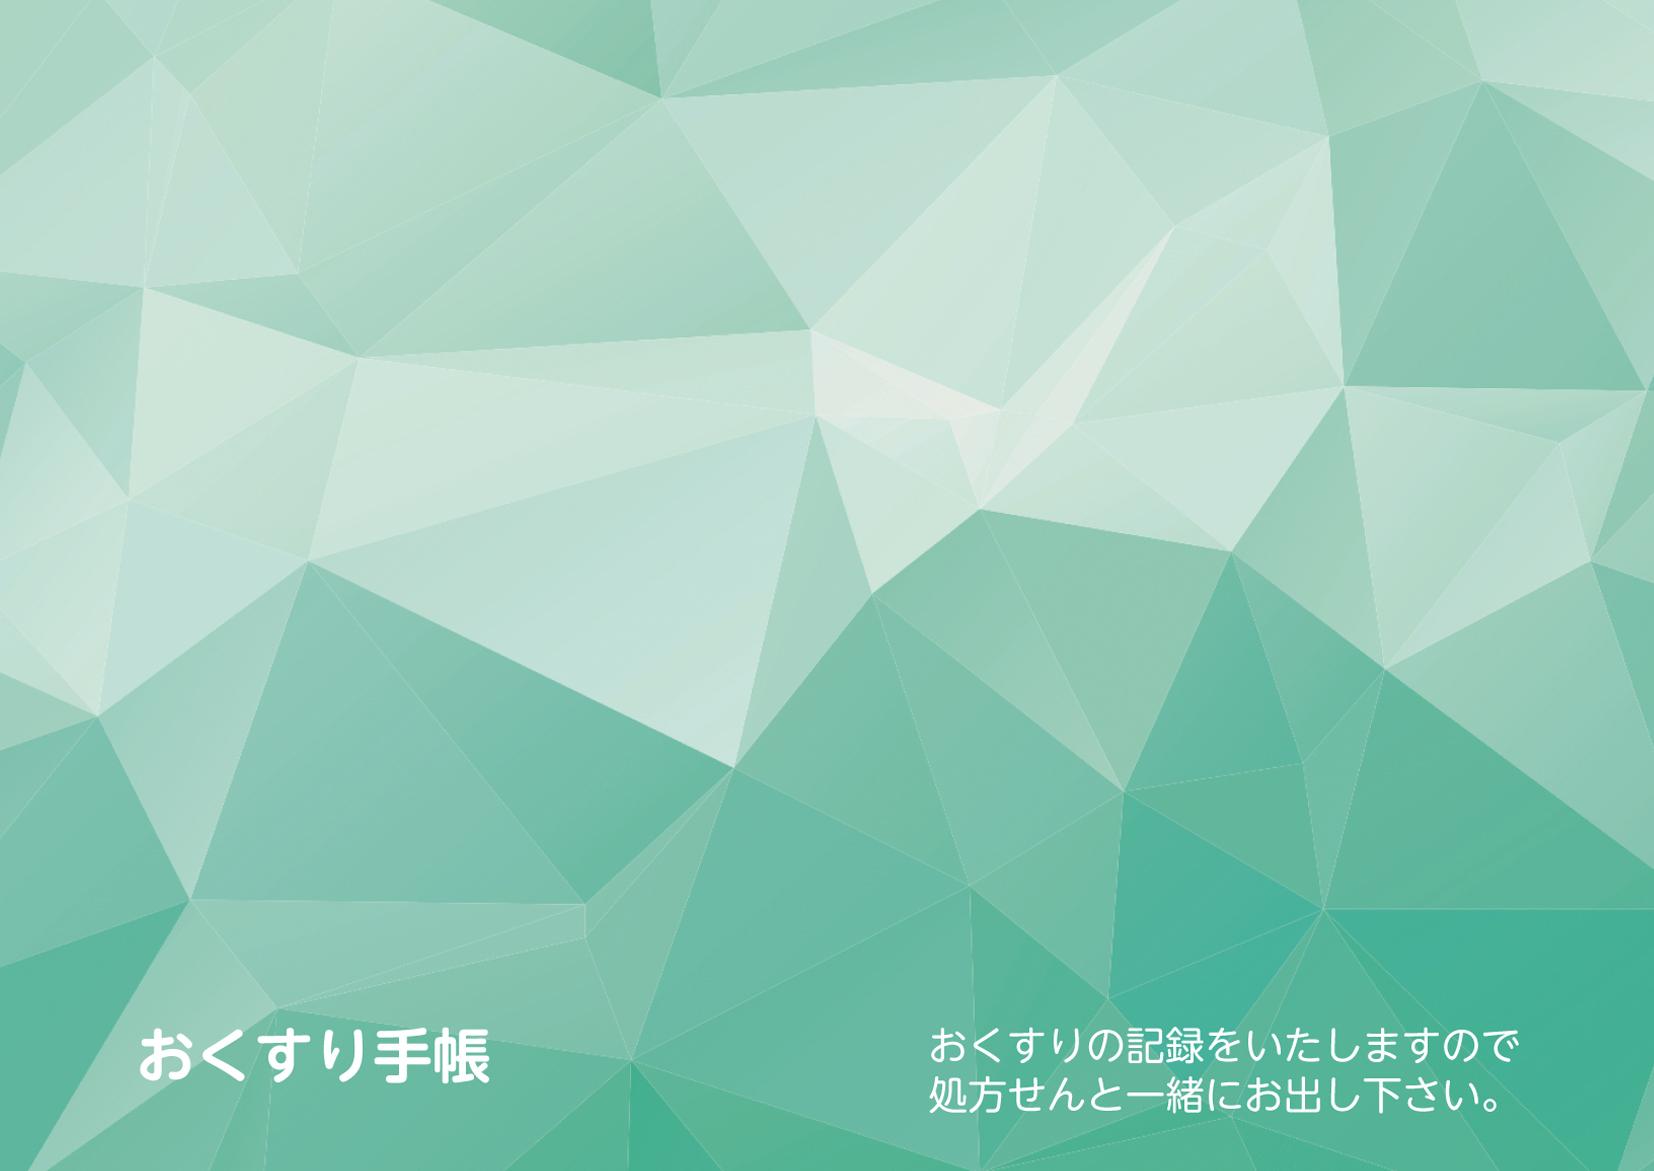 リトルお薬手帳-L1